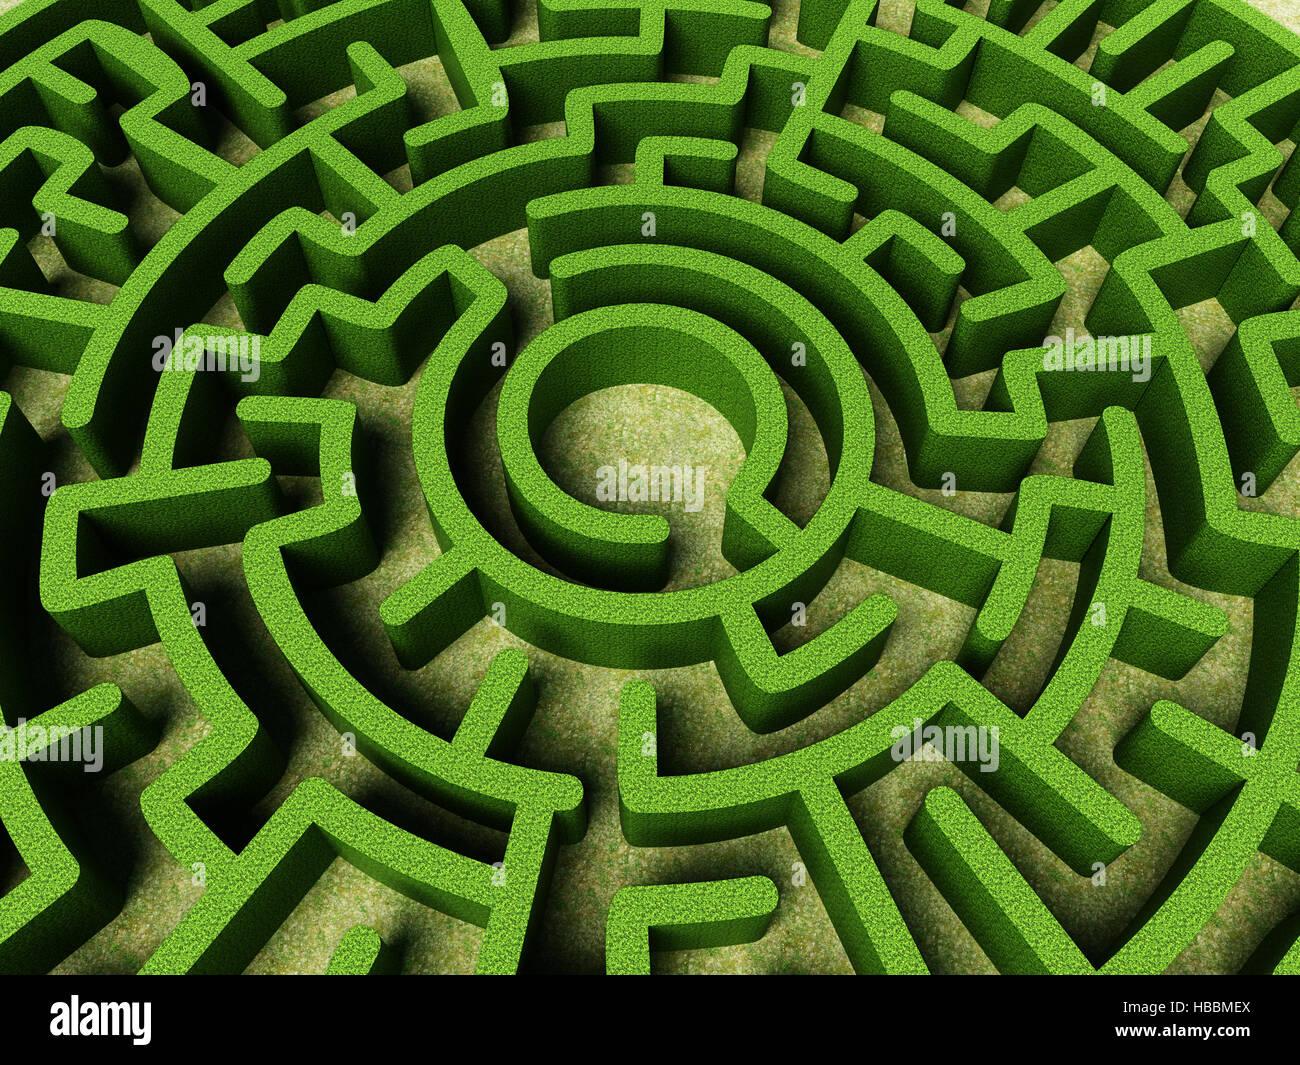 Round Maze Stock Photos & Round Maze Stock Images - Alamy on